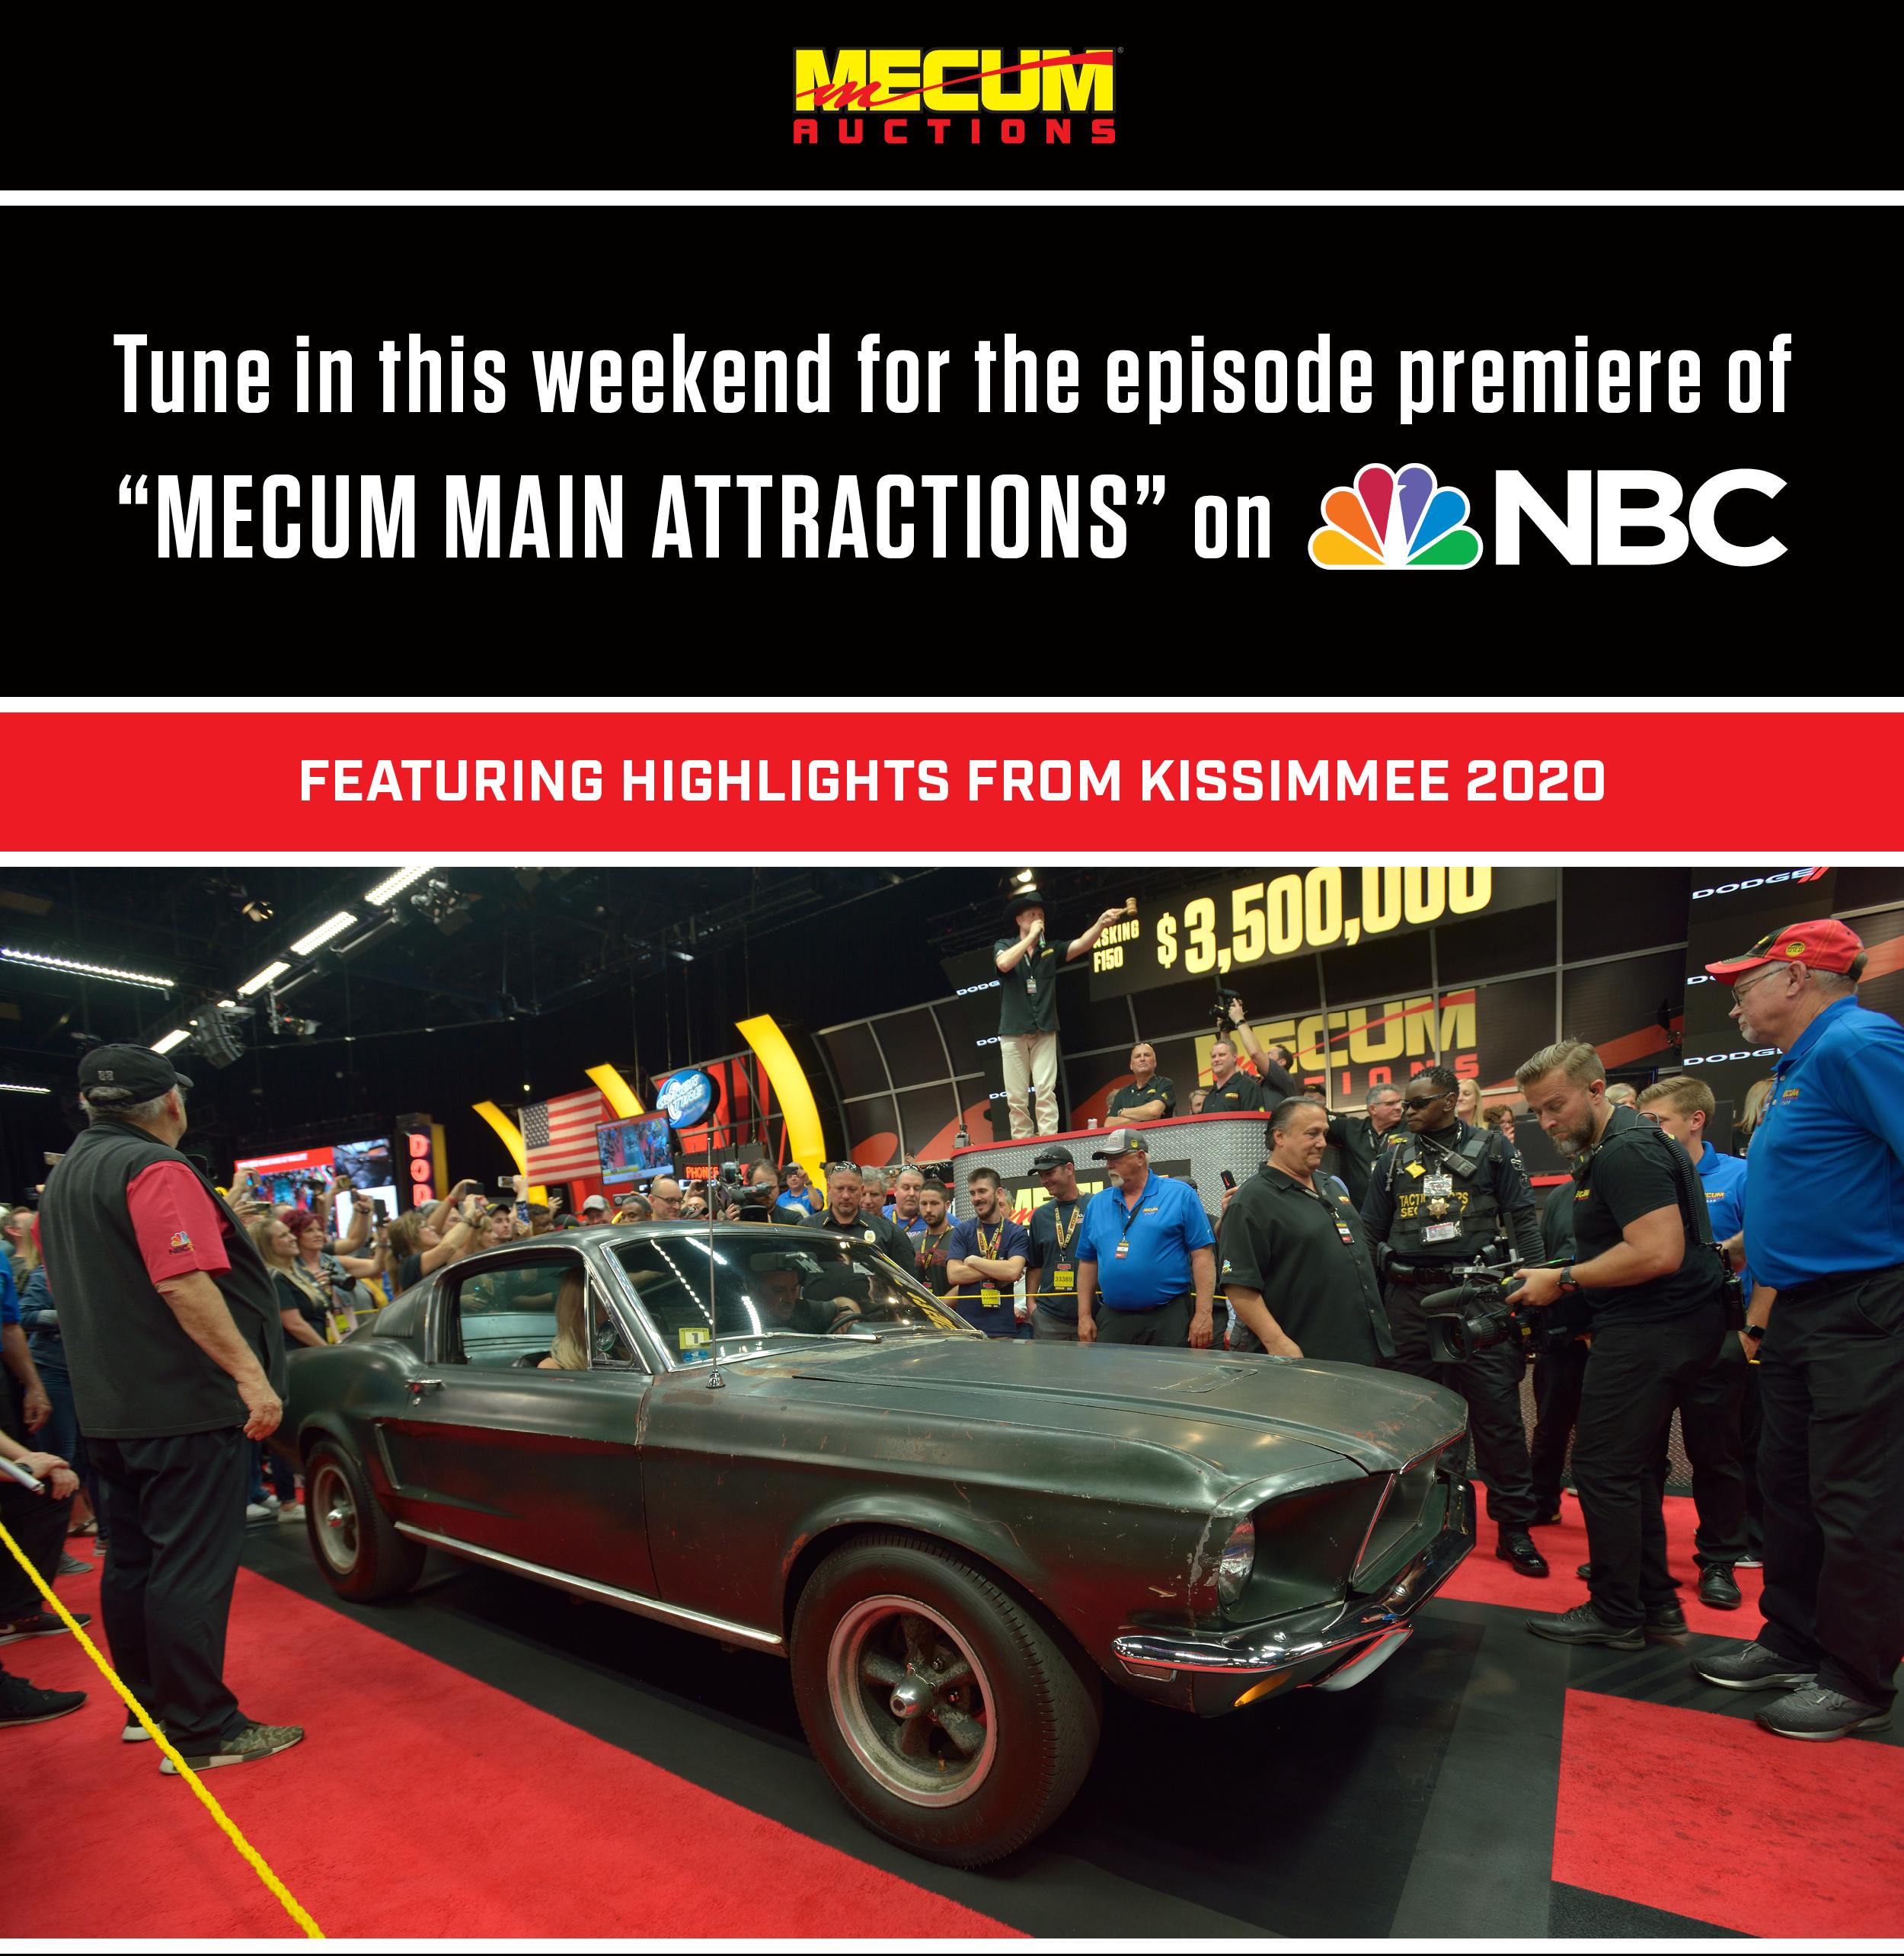 Mecum Main attractions à NBC le 26 janvier  6a14aa59-0151-42a9-a8ac-1ce45077ca94